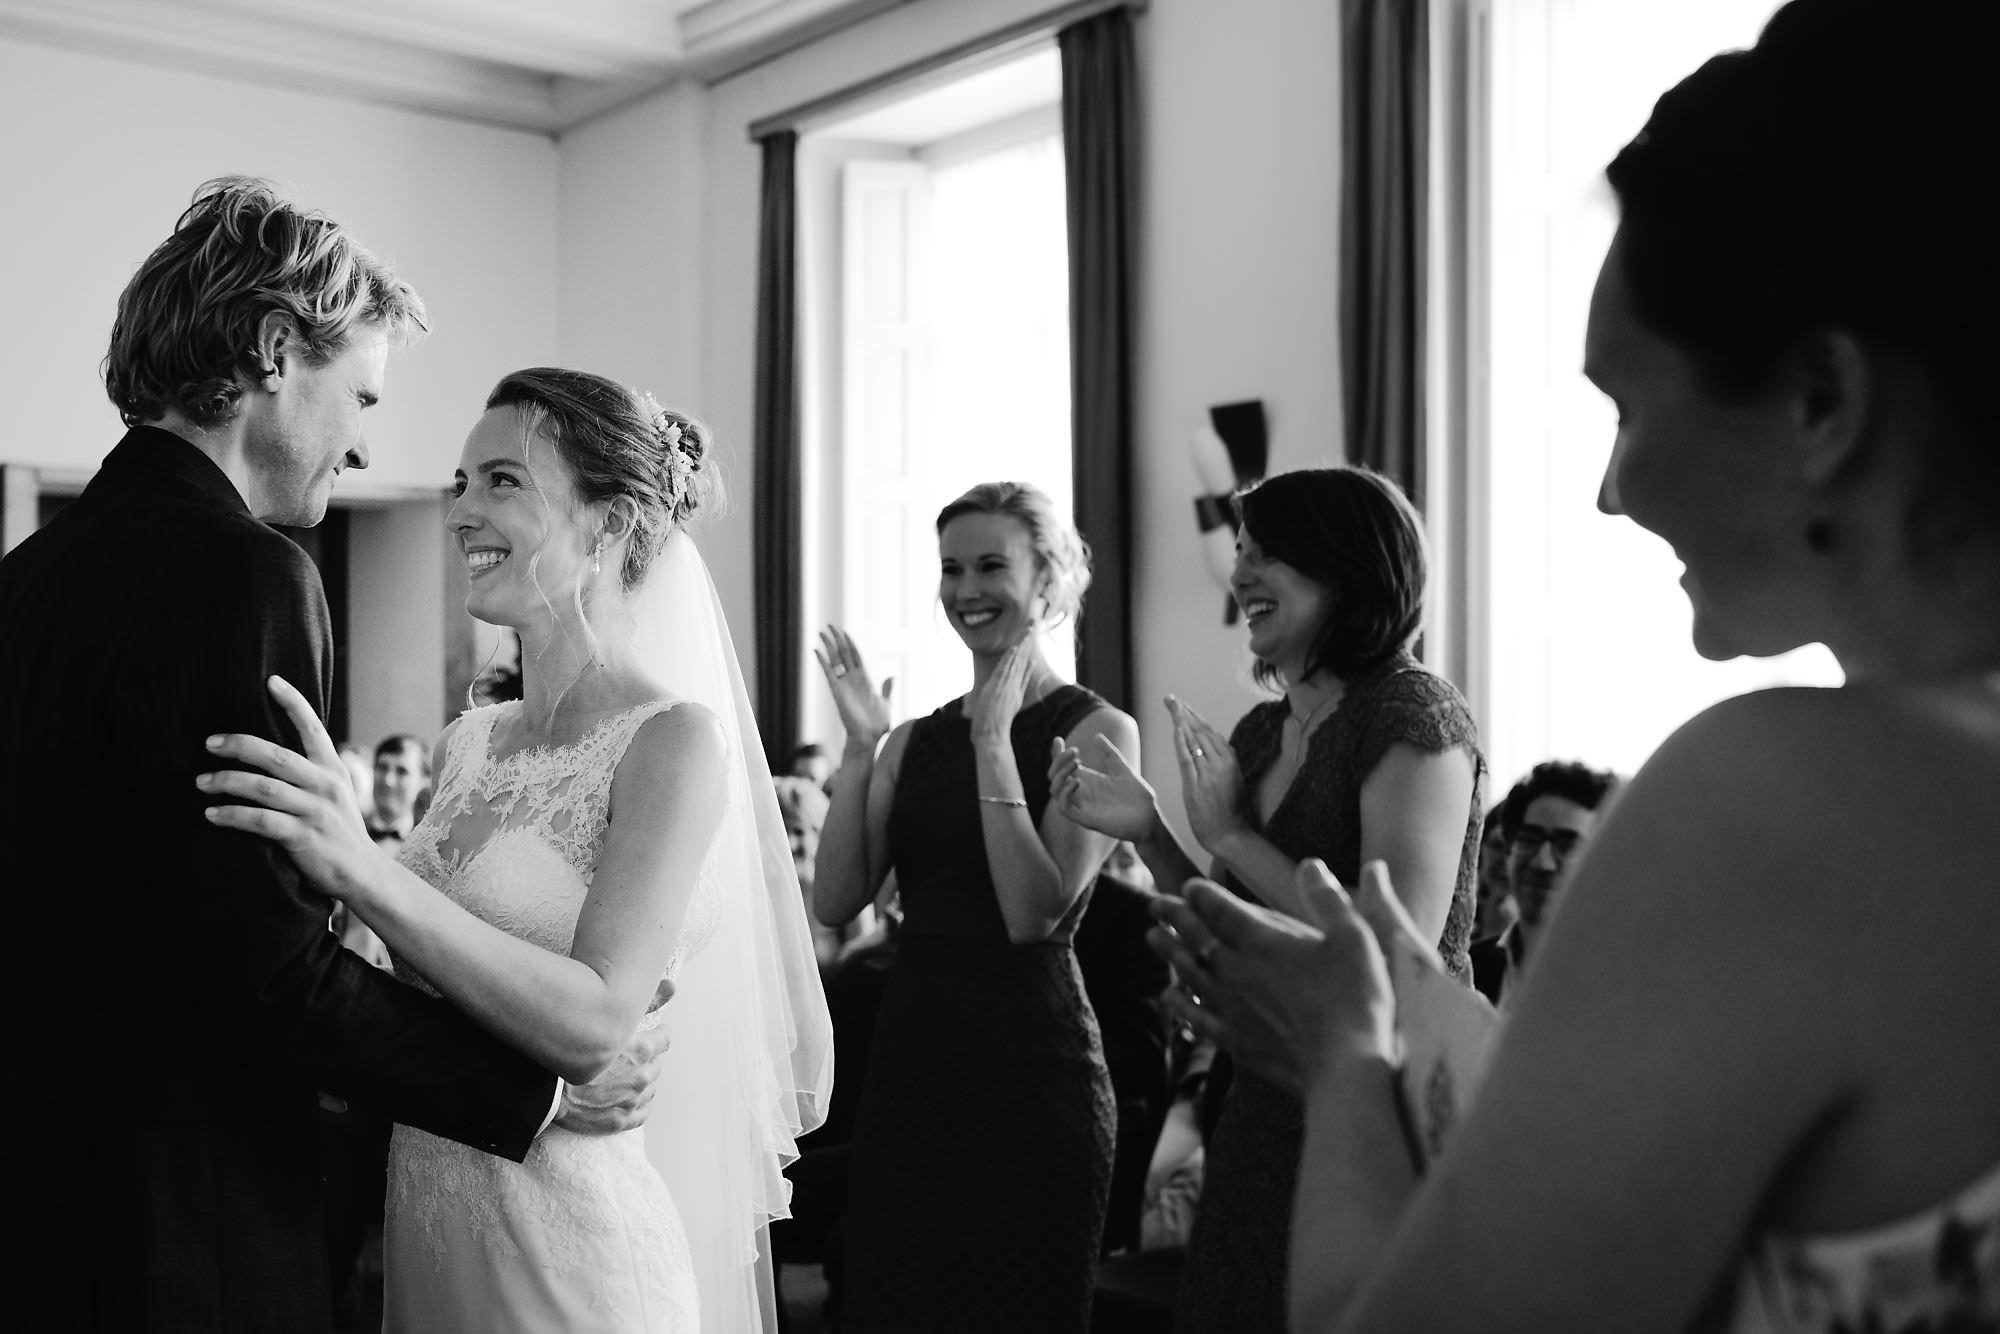 bruidsfotografie-trouwfotograaf-amsterdam-utrecht-mark-hadden-Koen-Laura-213-2.jpg